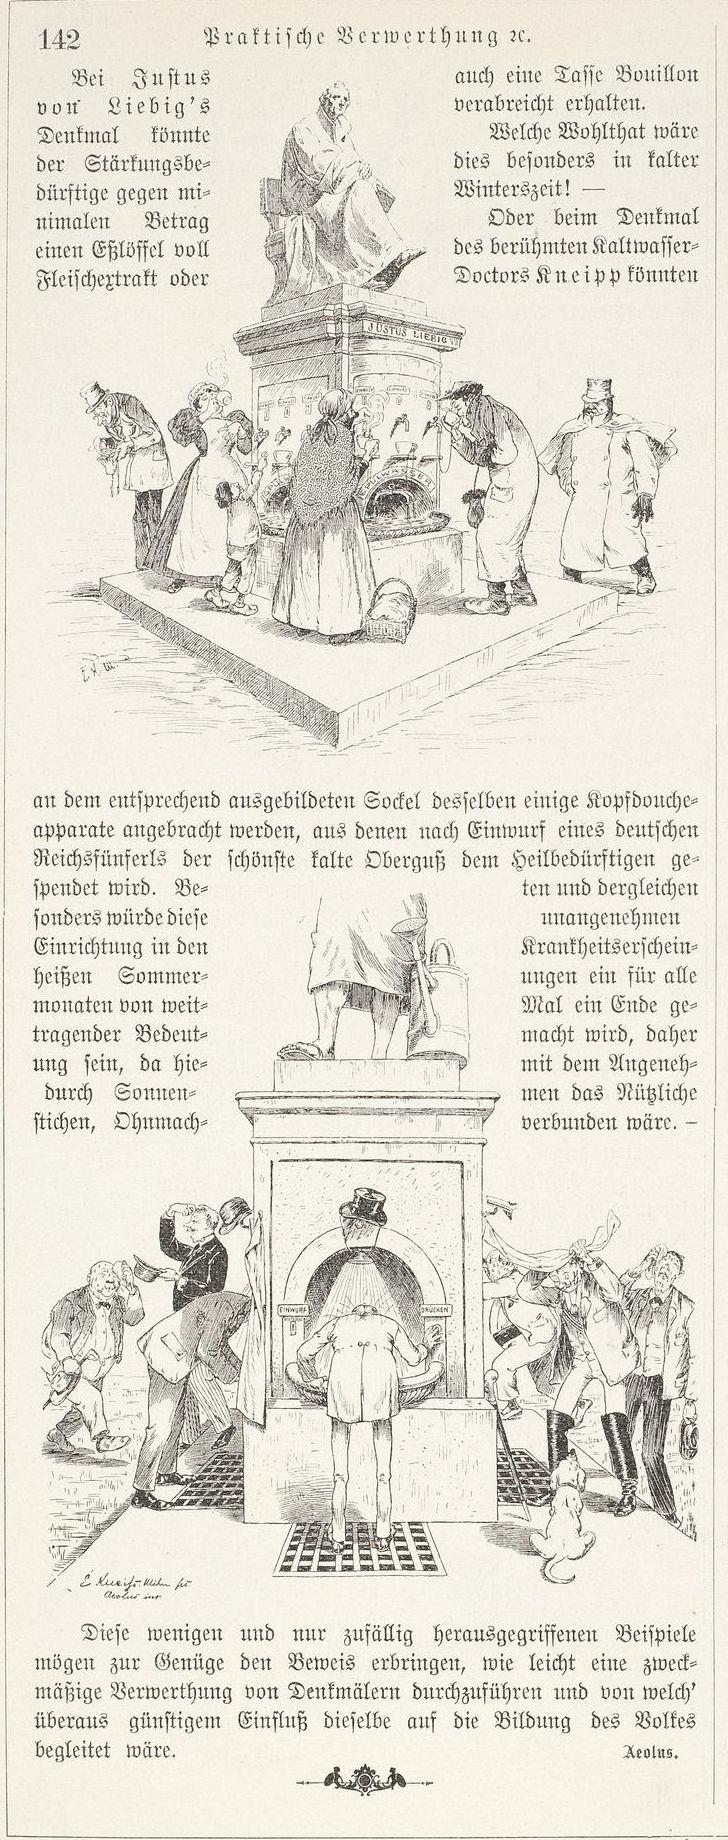 Alternative Verwendung der Denkmäler für Justus v. Liebig und Pfarrer Kneipp